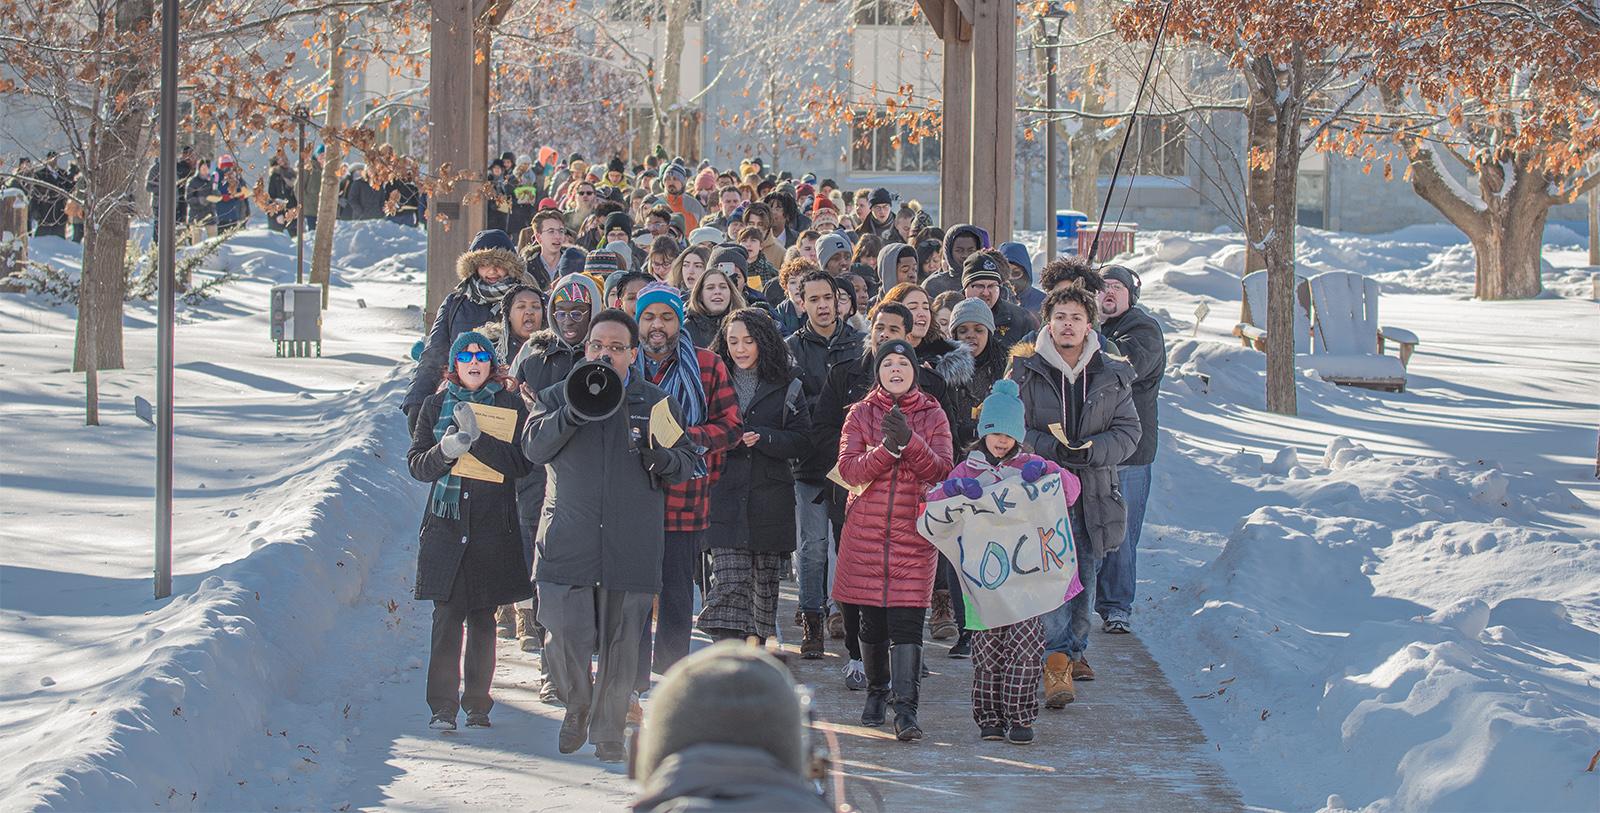 Unity March MLK Day 2020 Windchime